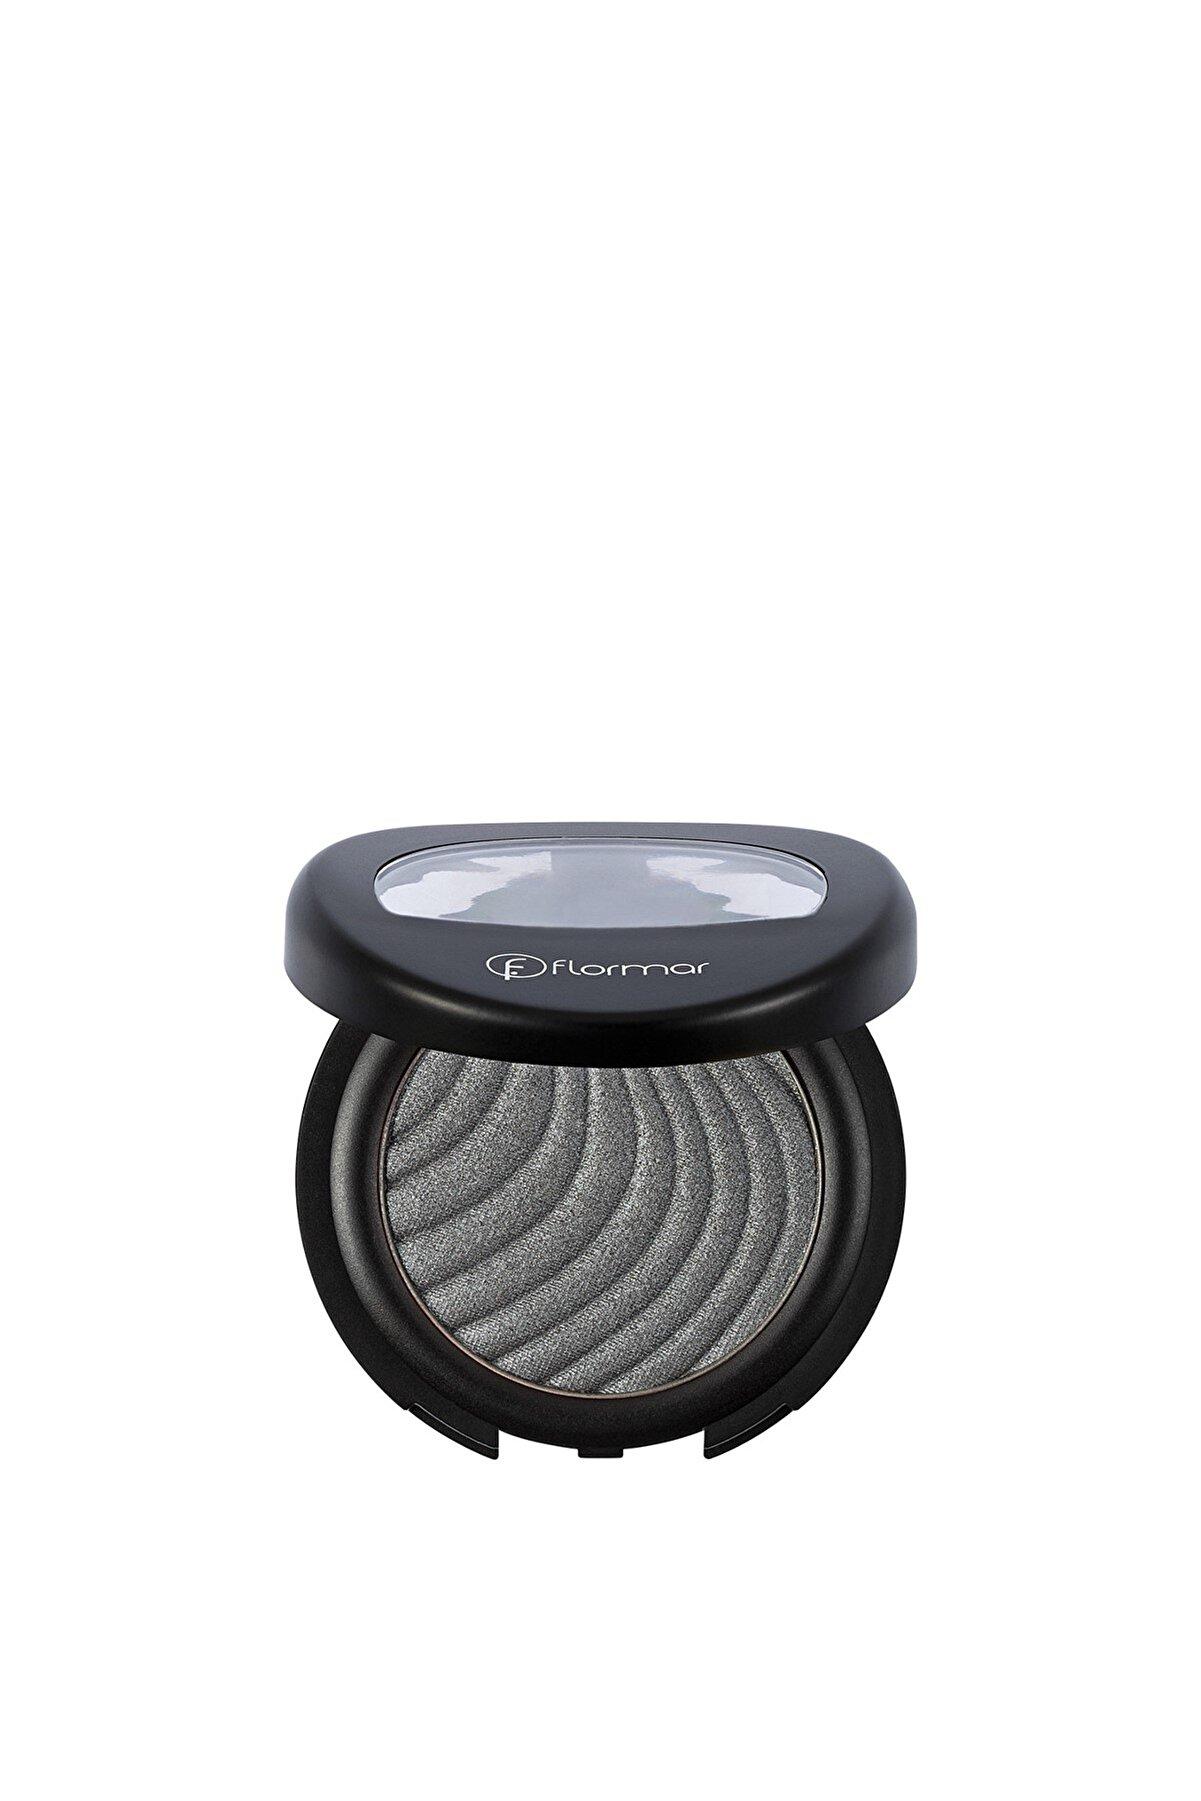 Flormar Göz Farı - Mono Eyeshadow Satin Grey 4 g 8690604038503